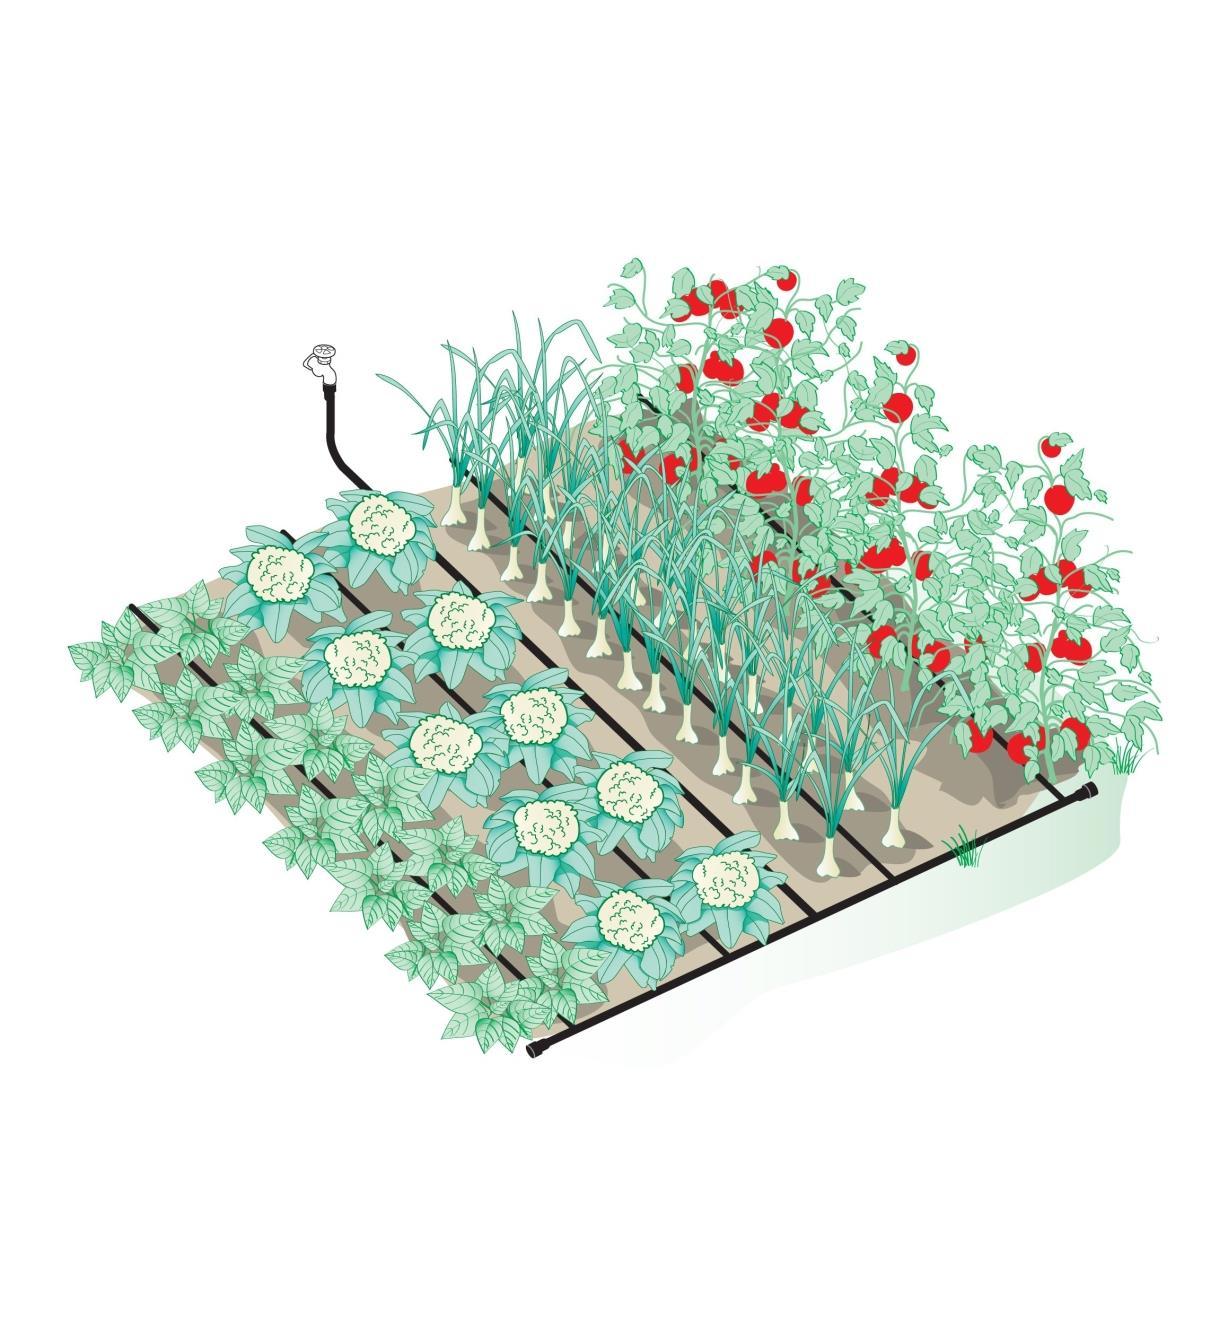 XC355 - Système d'irrigation par boyau suintant de 100 pi